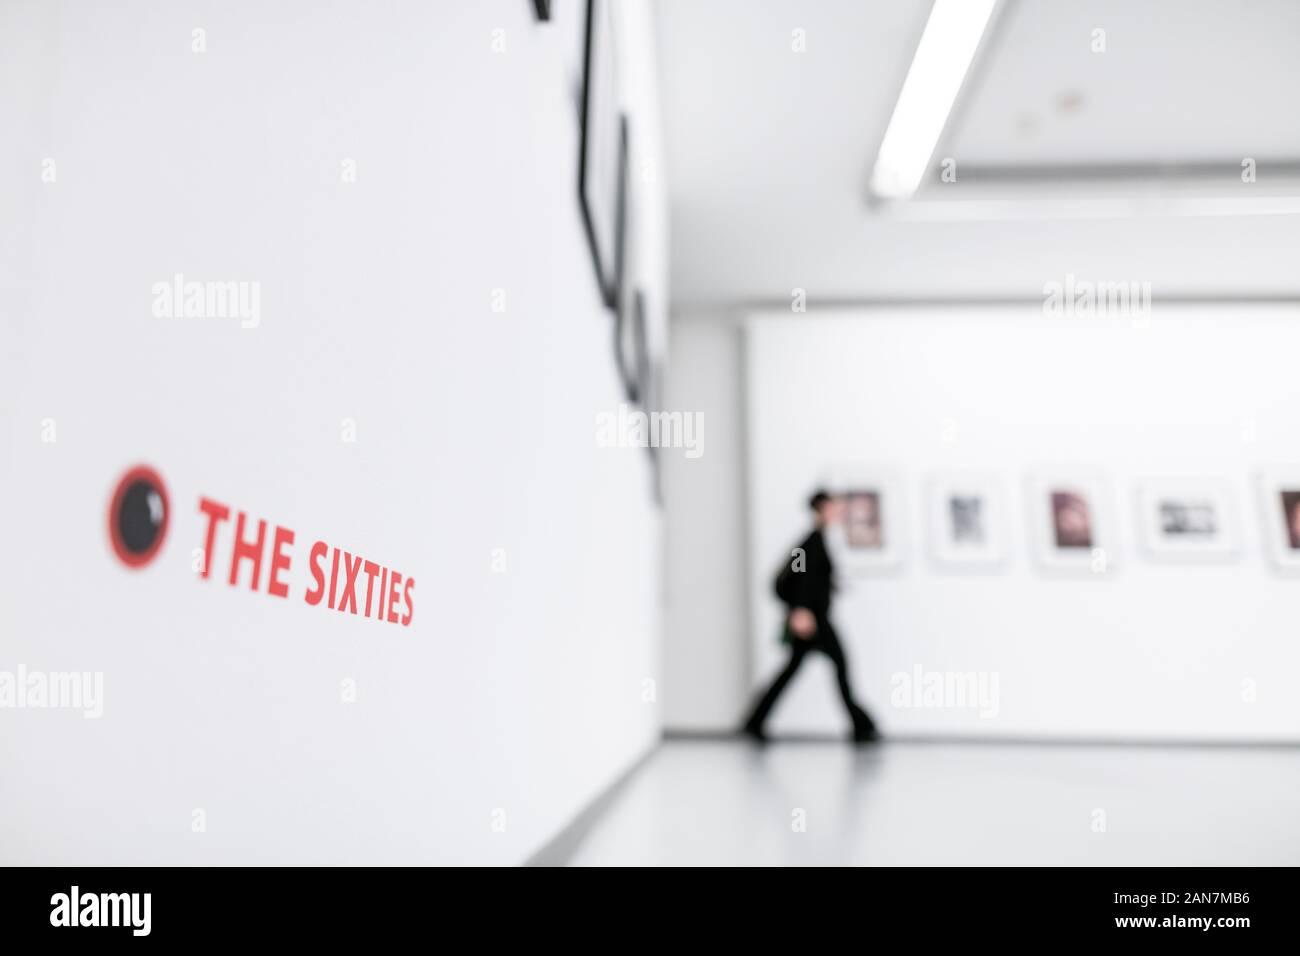 """Oberhausen, Germania. 16 gennaio, 2020. 'L'Sixties' sorge su una parete mentre un visitatore in background passeggiate attraverso la mostra. Premere il tasto Conferenza per la mostra 'fotografo tra musicisti: Linda McCartney - Anni Sessanta e più"""". Sul display sono le foto da Linda McCartney dalla scena della musica alla fine degli anni sessanta: Janis Joplin, Jimi Hendrix, Aretha Franklin, i Beatles e i Rolling Stones e altri. In aggiunta, la mostra è dedicata ai lavori stradali come McCartney il contributo al cosiddetto street photography. Sul display sono 180 opere. Credito: Fabian Strauch/dpa/Alamy Live News Foto Stock"""